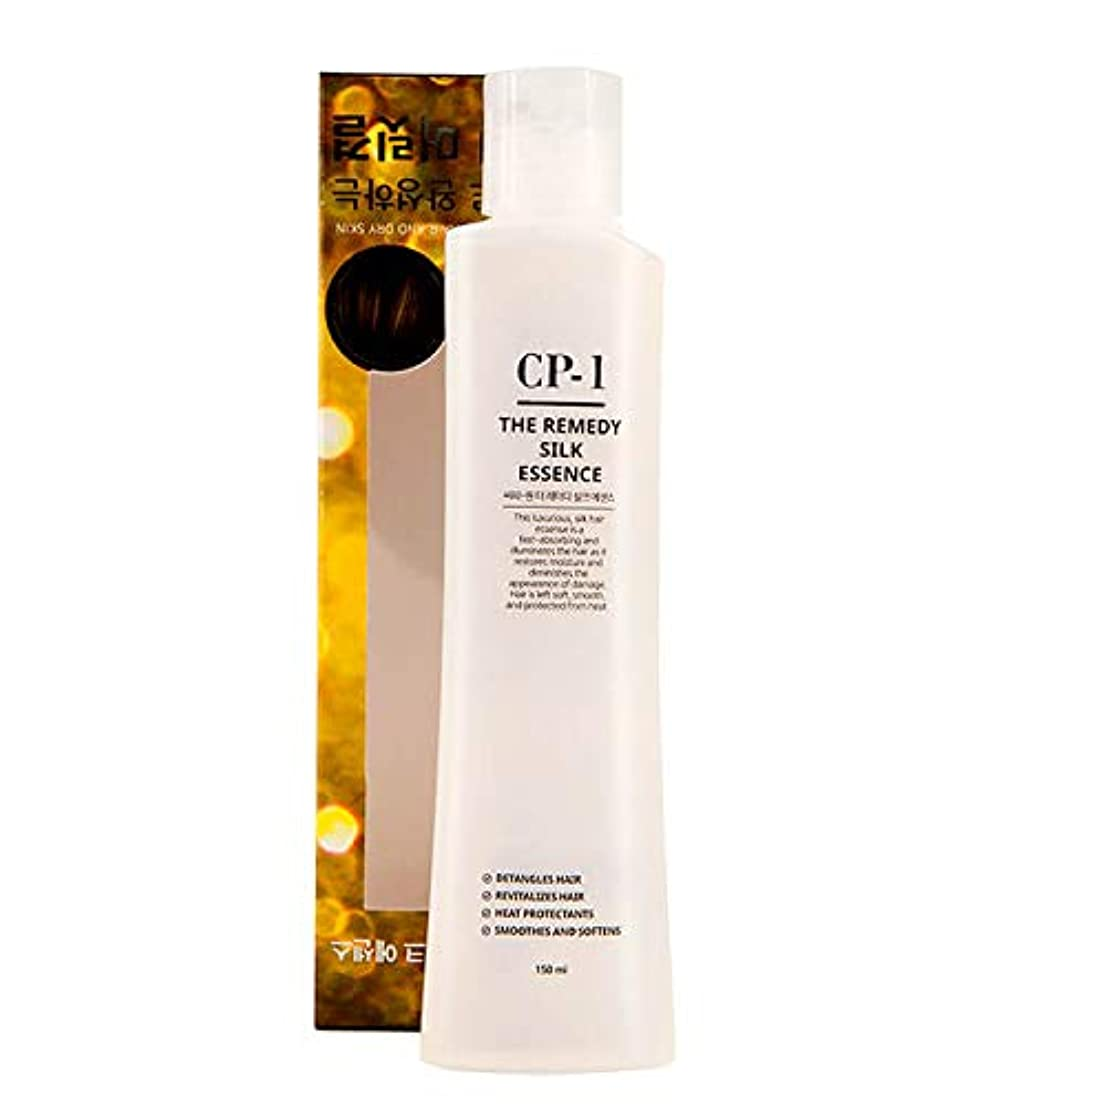 スイングディスカウント明らかにEsthetic House[エステティックハウス] CP-1 治療シルクエッセンス 150ml (傷んだ髪や乾燥肌の韓国のヘアケアに) / The Remedy Silk Essence